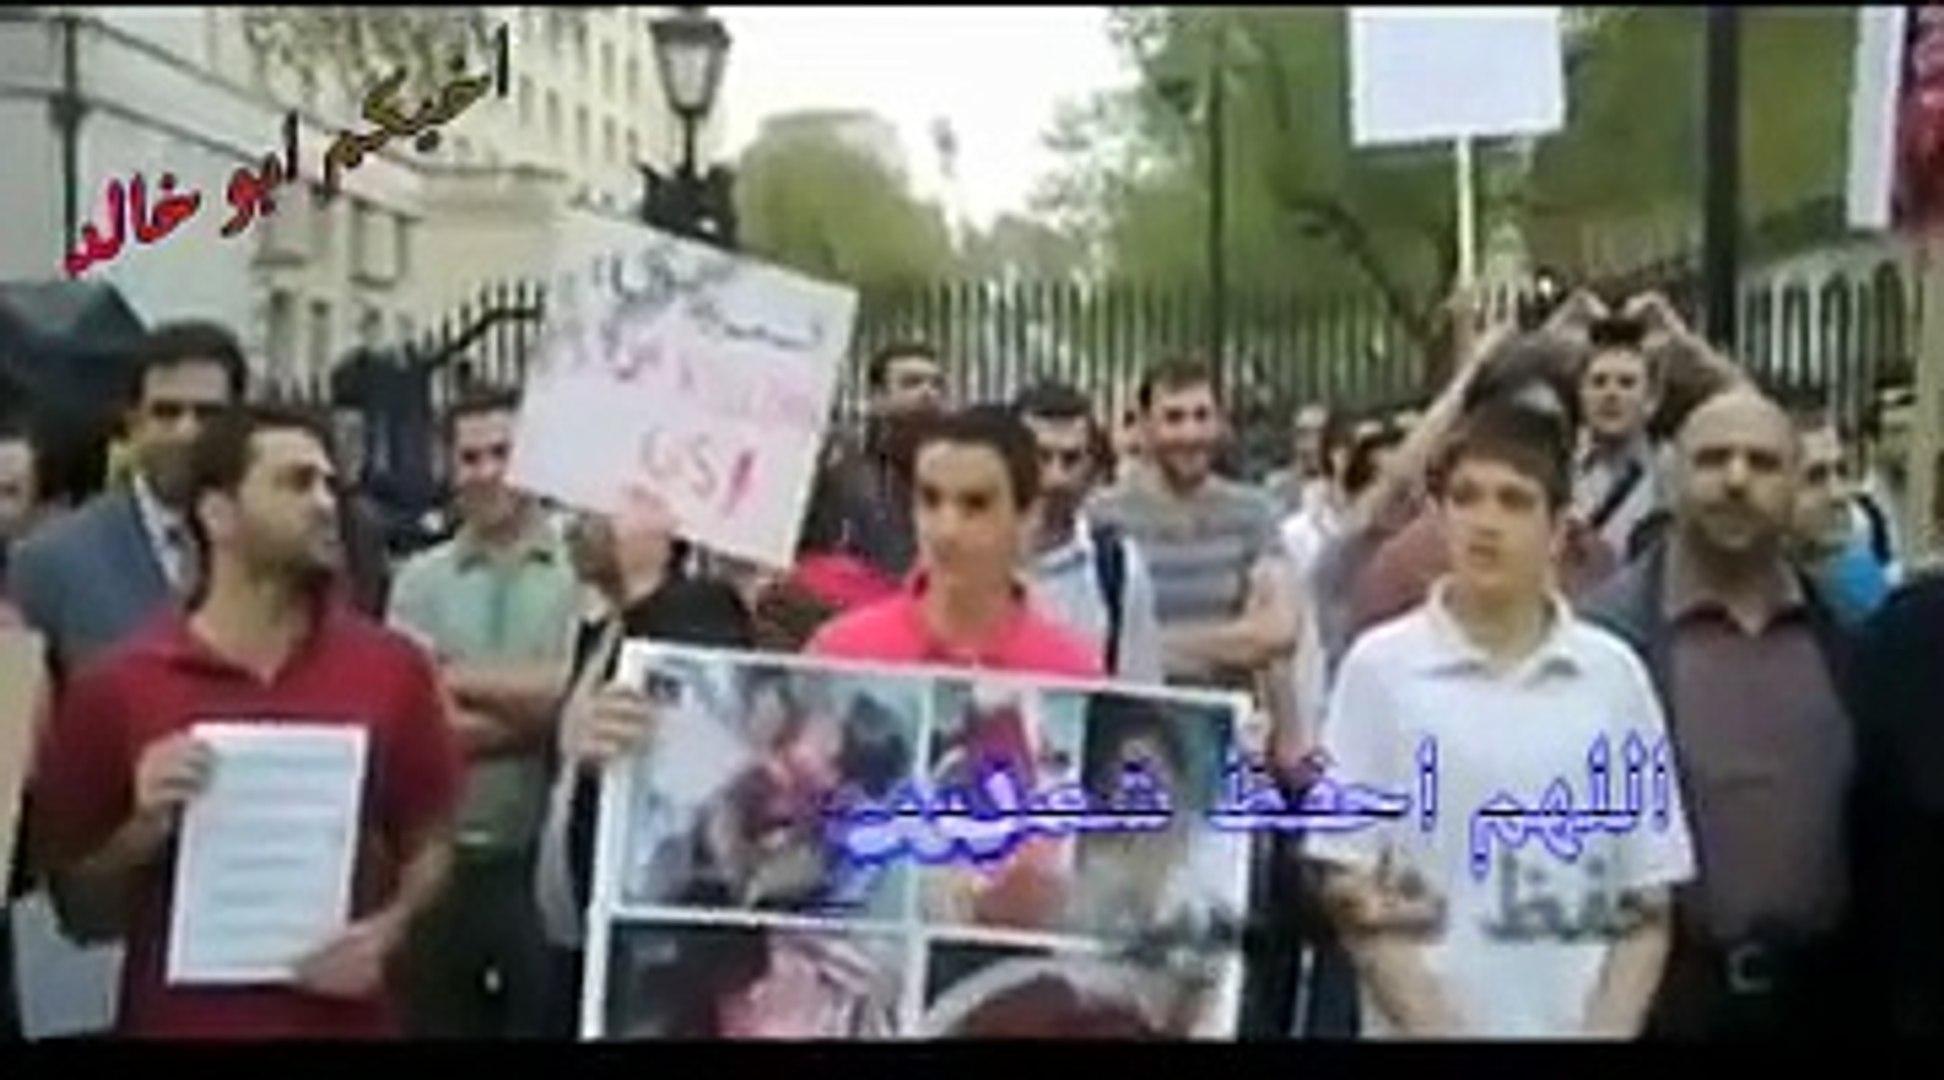 سوريا مصر ليبيا تونس الجزائر المغرب السعودية البحرين